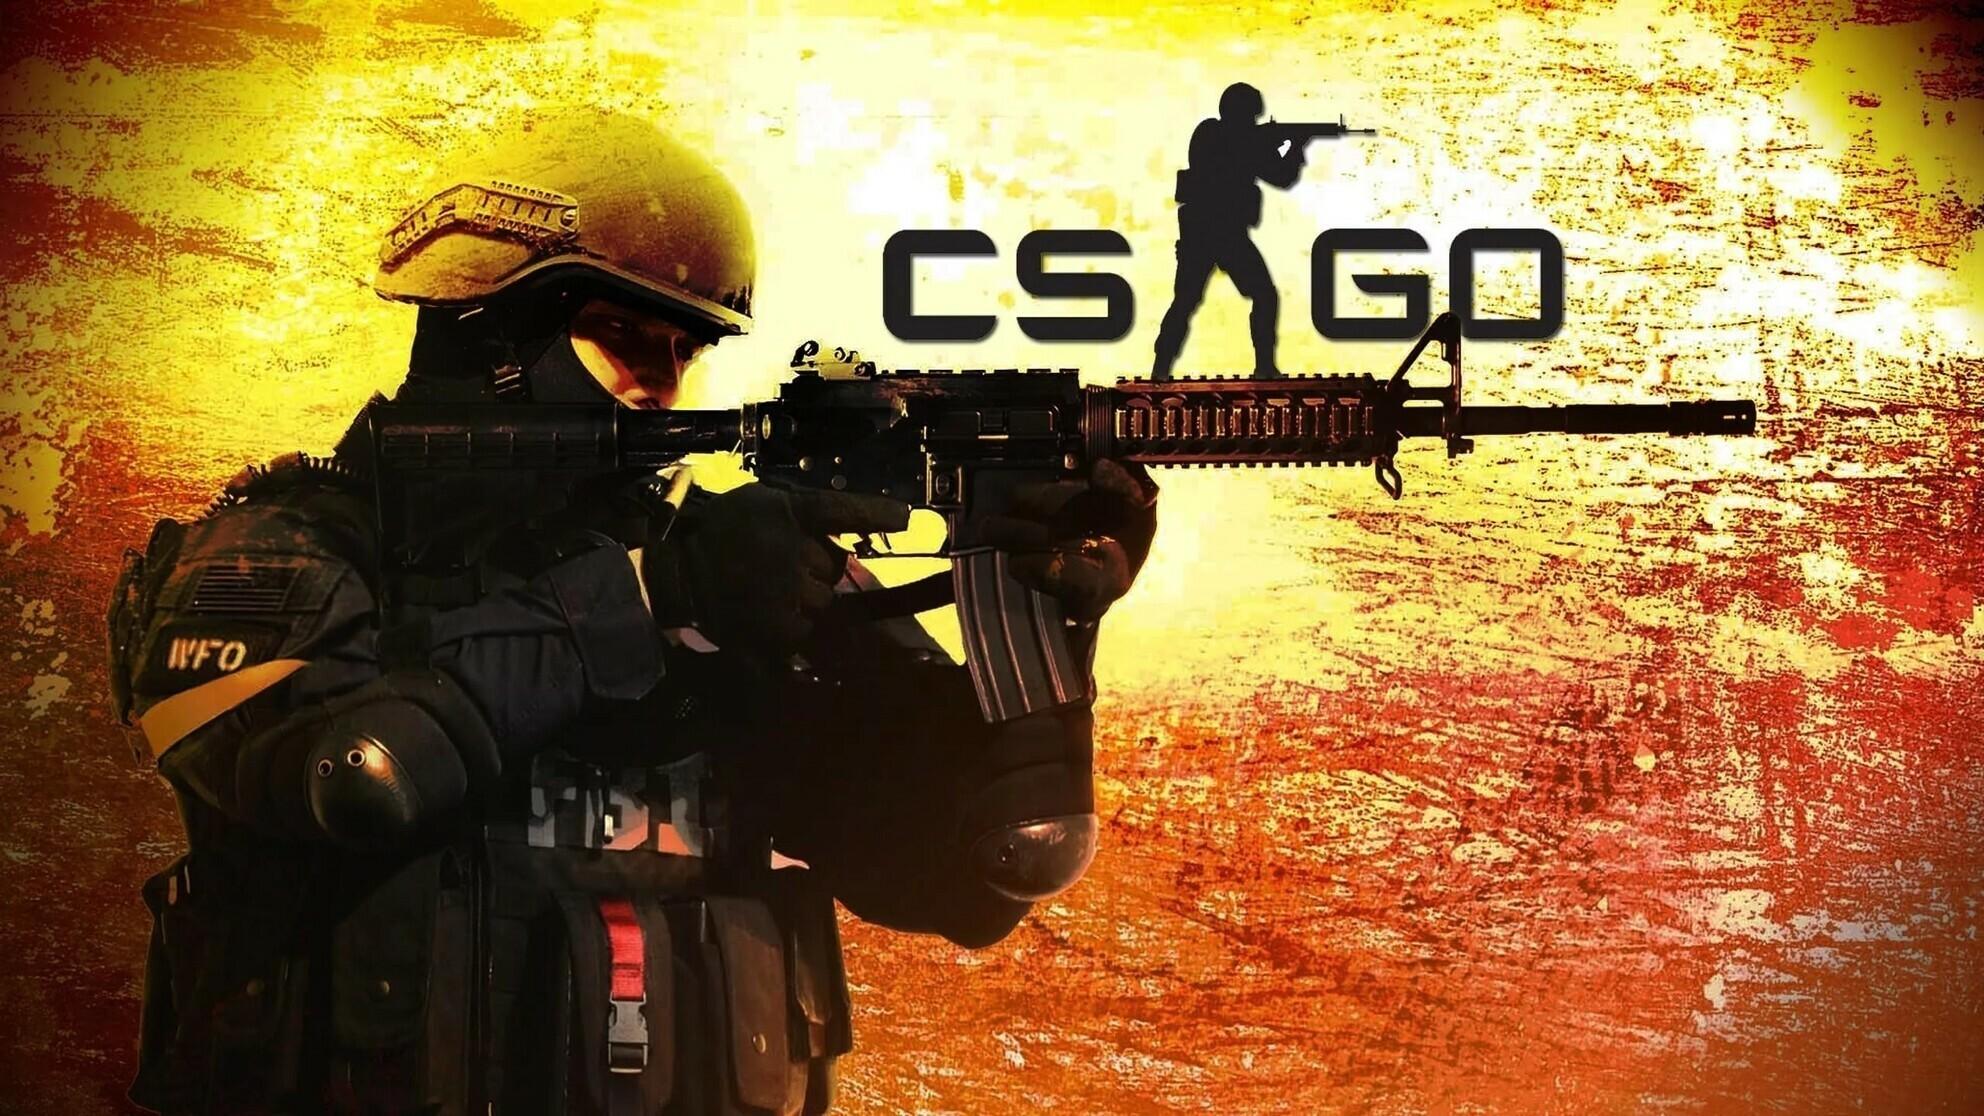 CS:GO Hacks and Cheats